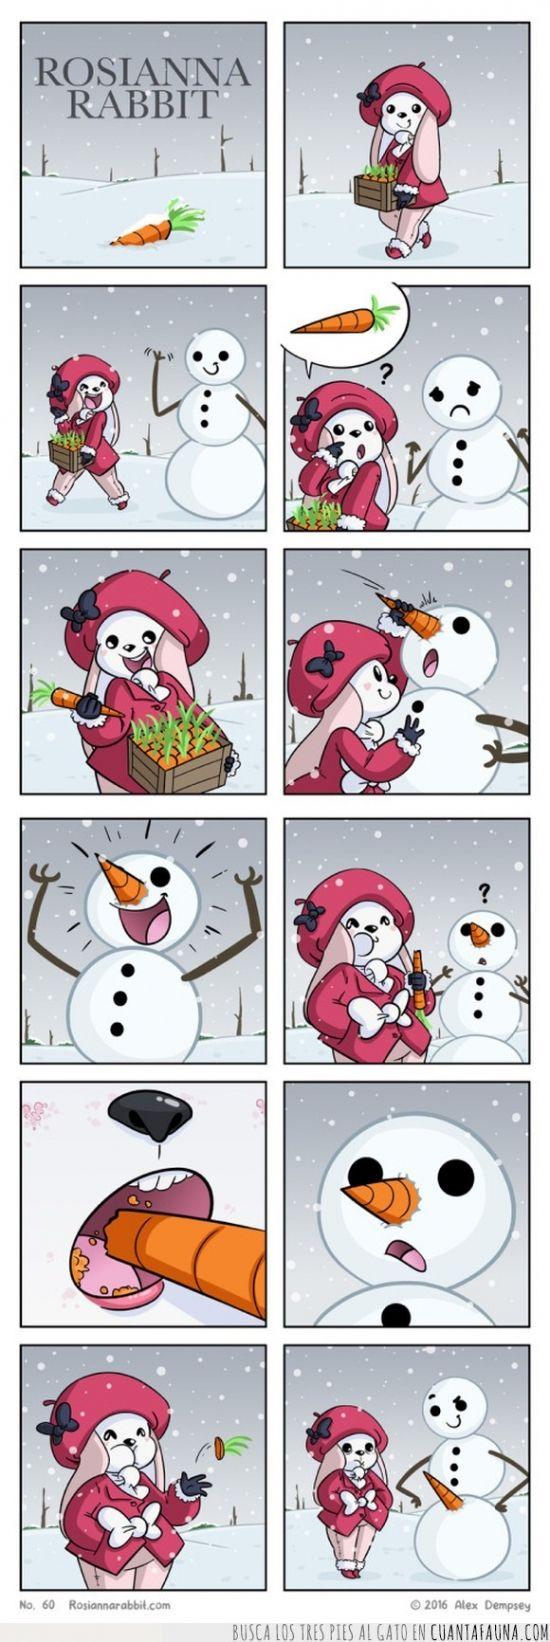 La fábula de la coneja viciosilla y el muñeco de nieve - para mas chistes: Click aqui